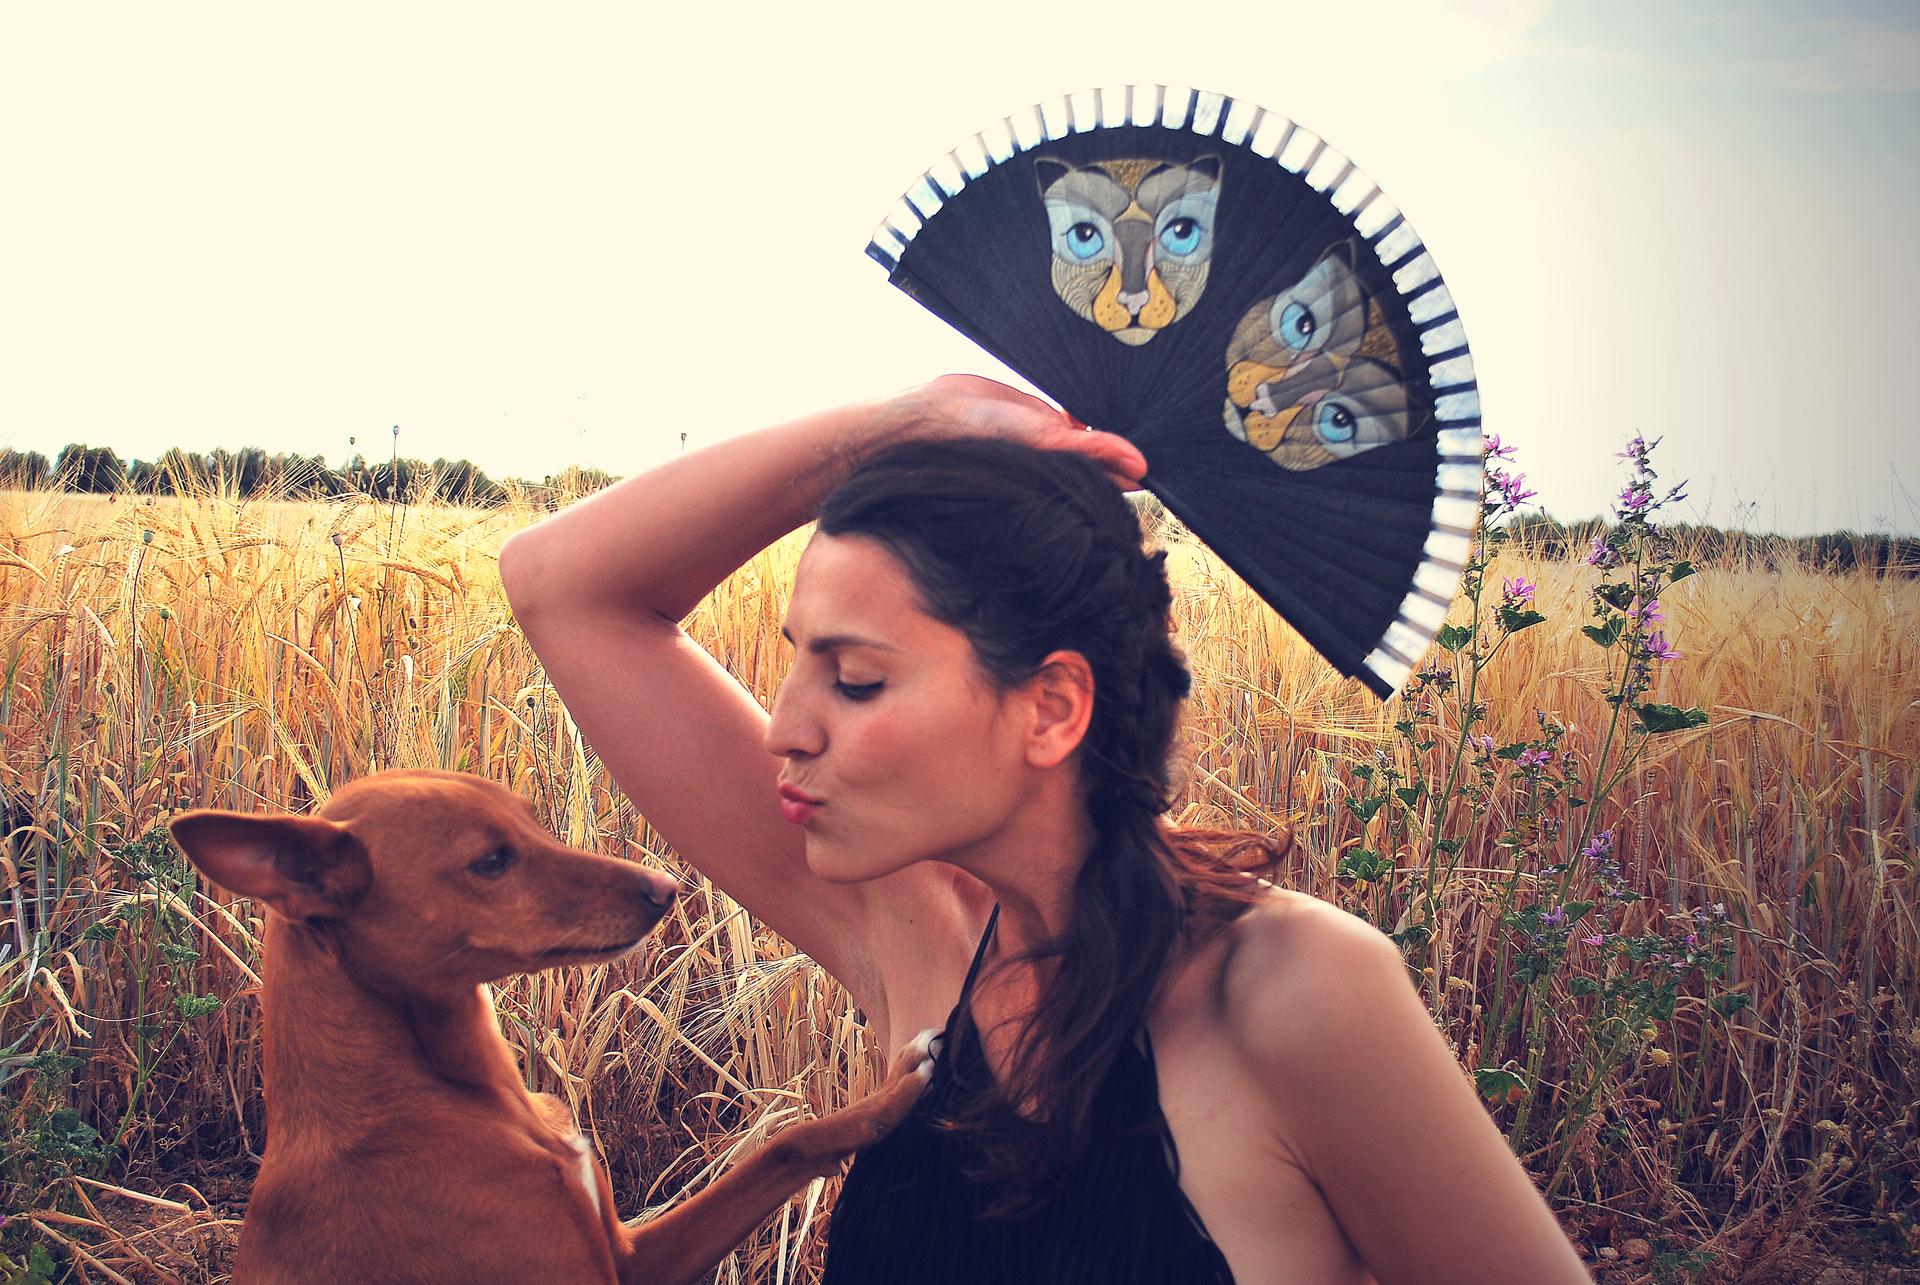 Gigi-portada_1